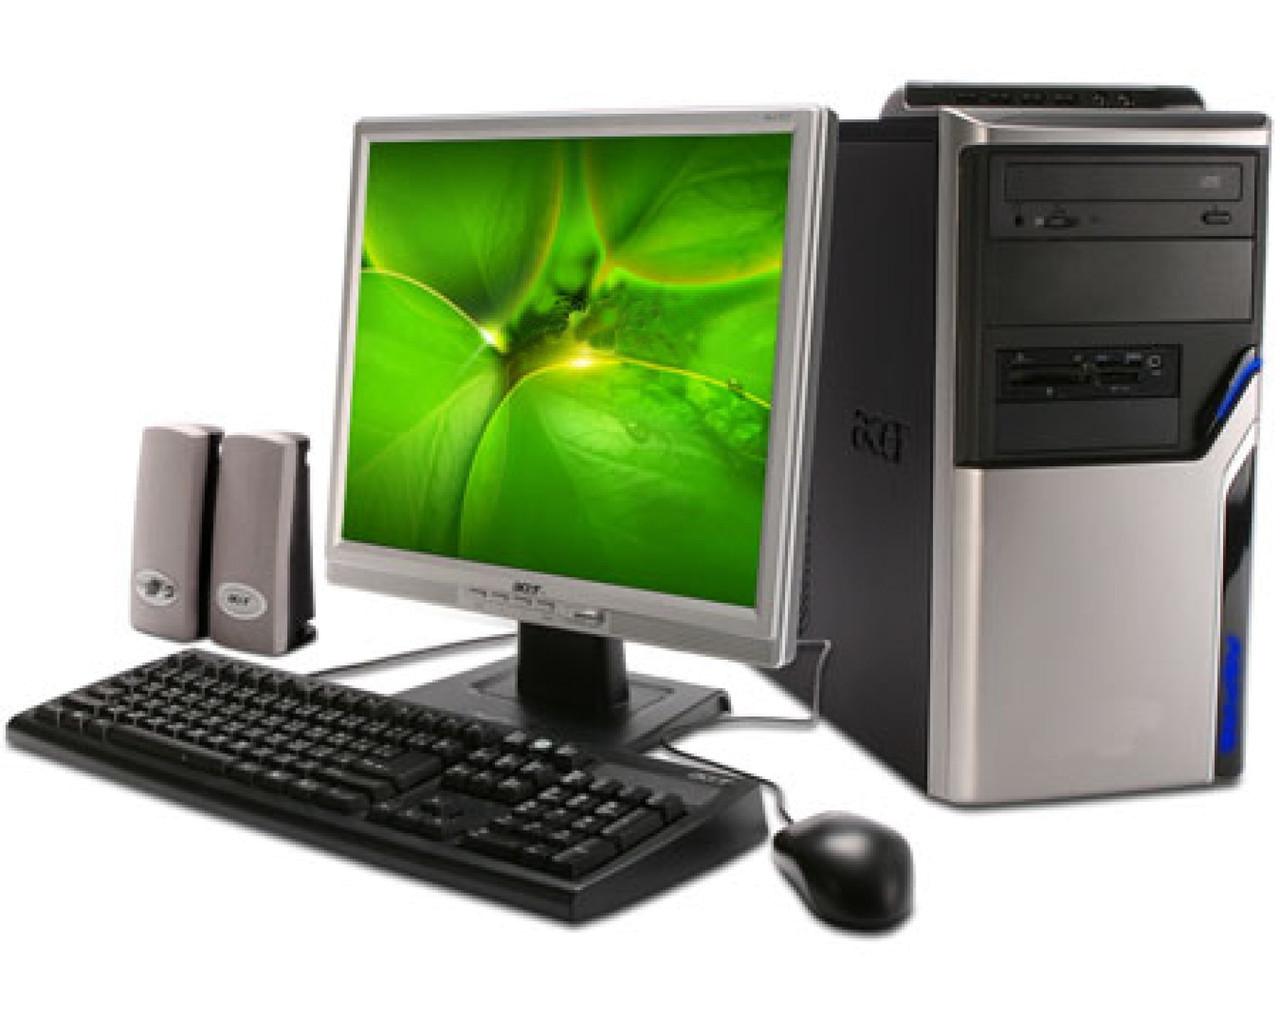 Требования к компьютеру для участия в Вебинарах и учебных курсах